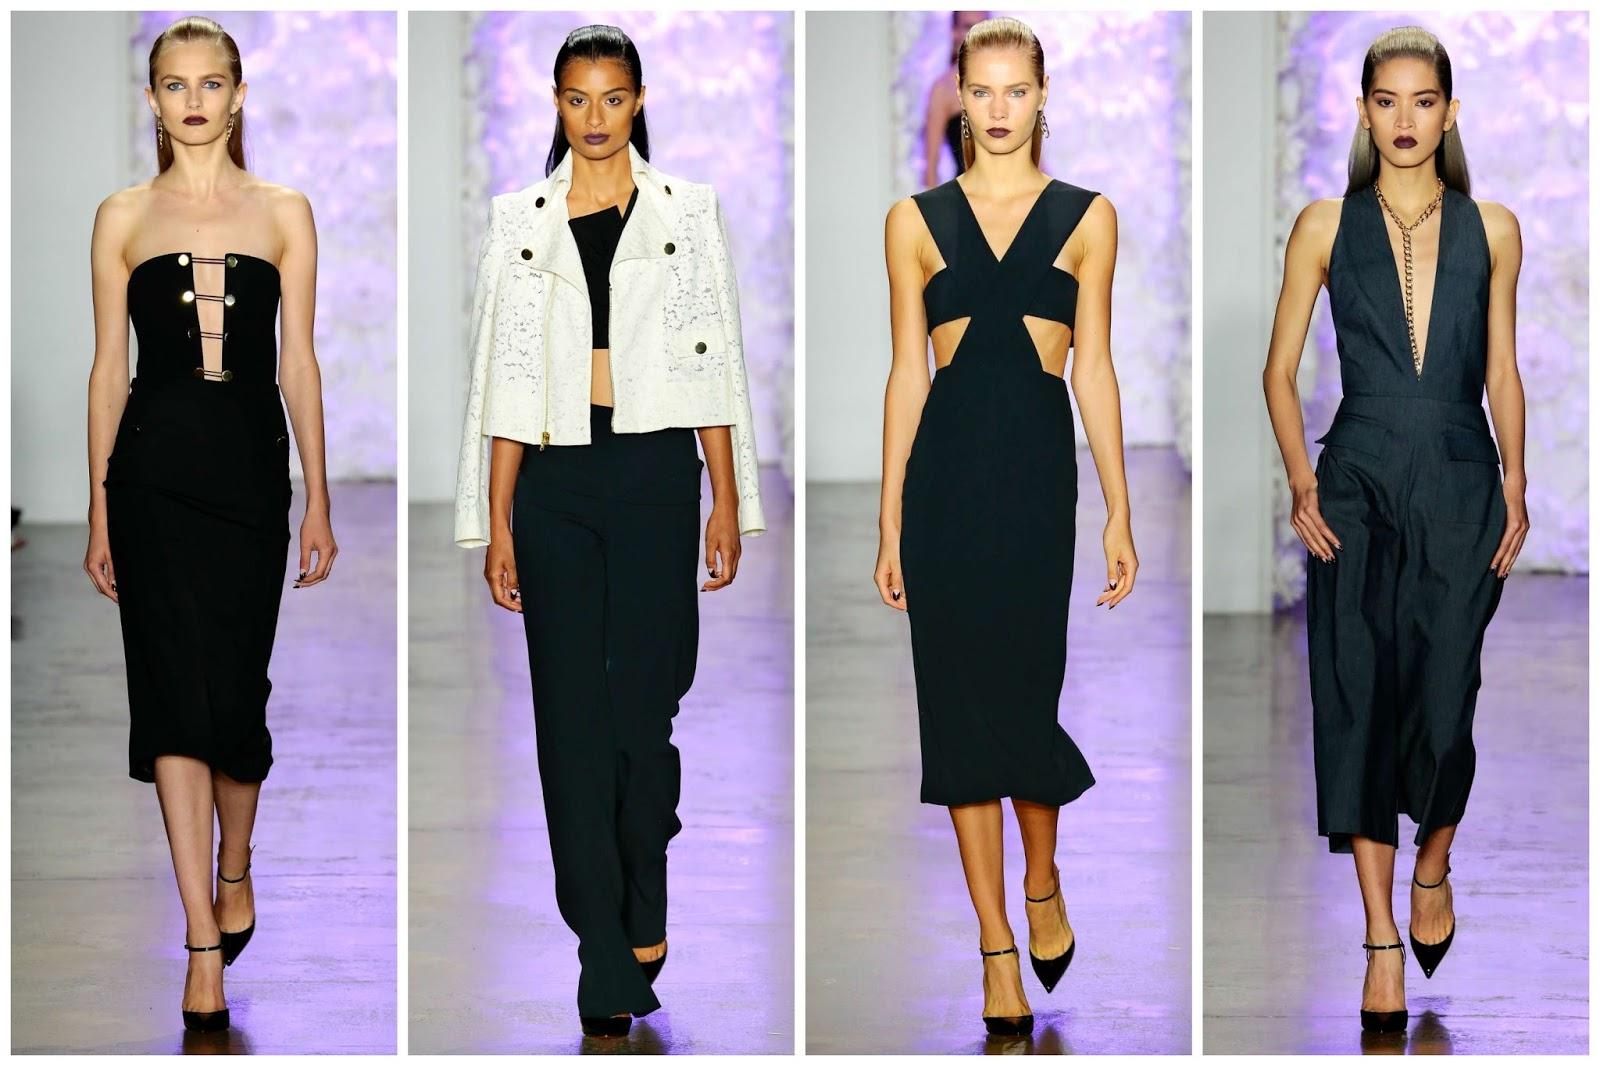 NYFW New York Fashion Week Best Fashion Shows